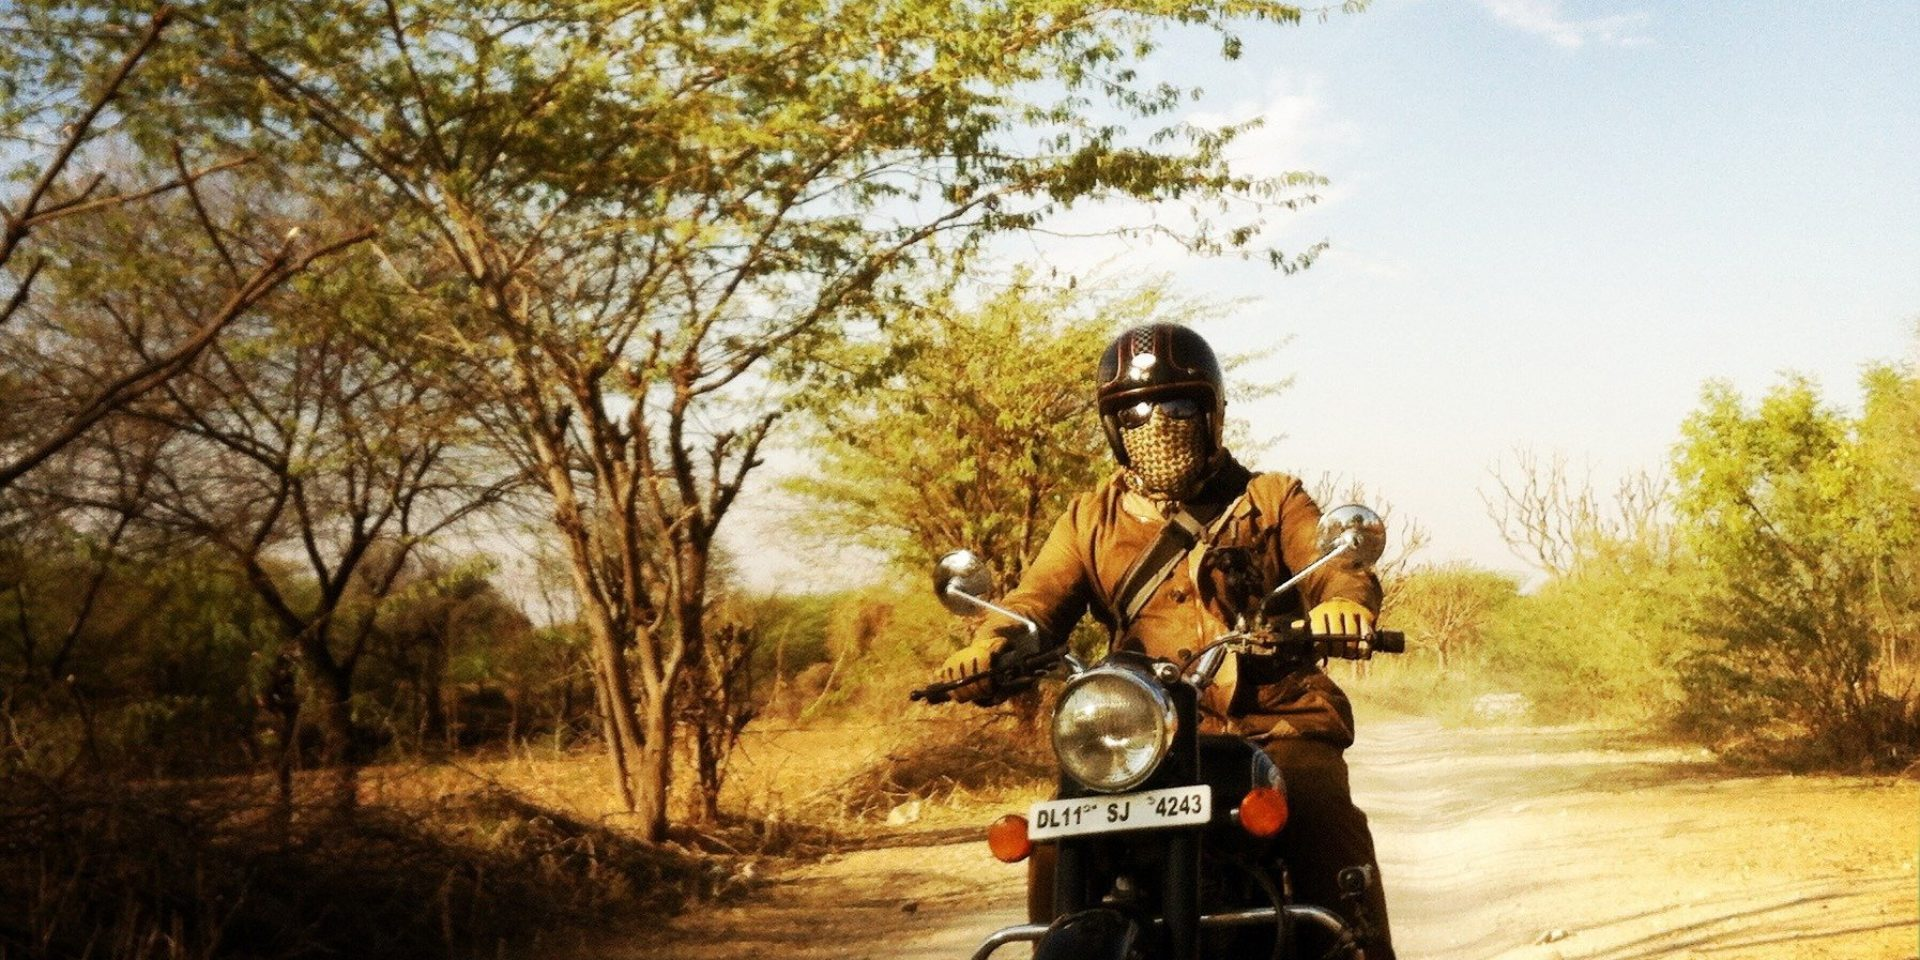 trip-moto-inde-motorbike-trip-india-rajasthan-02